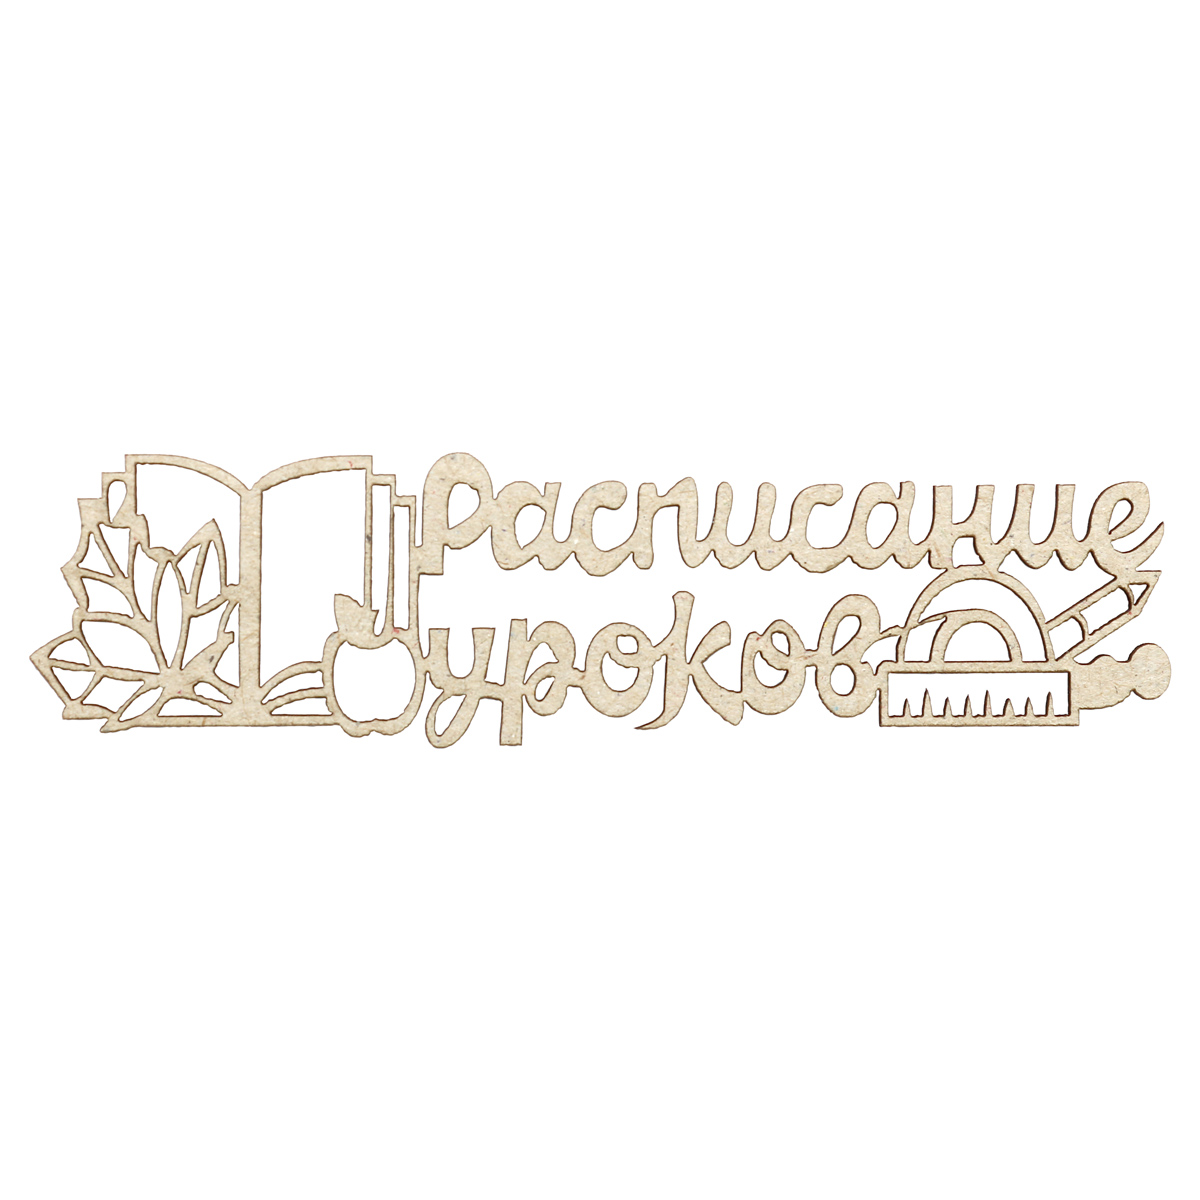 ВК-108 Декоративный элемент 'Расписание уроков'8,5*2,2см Астра